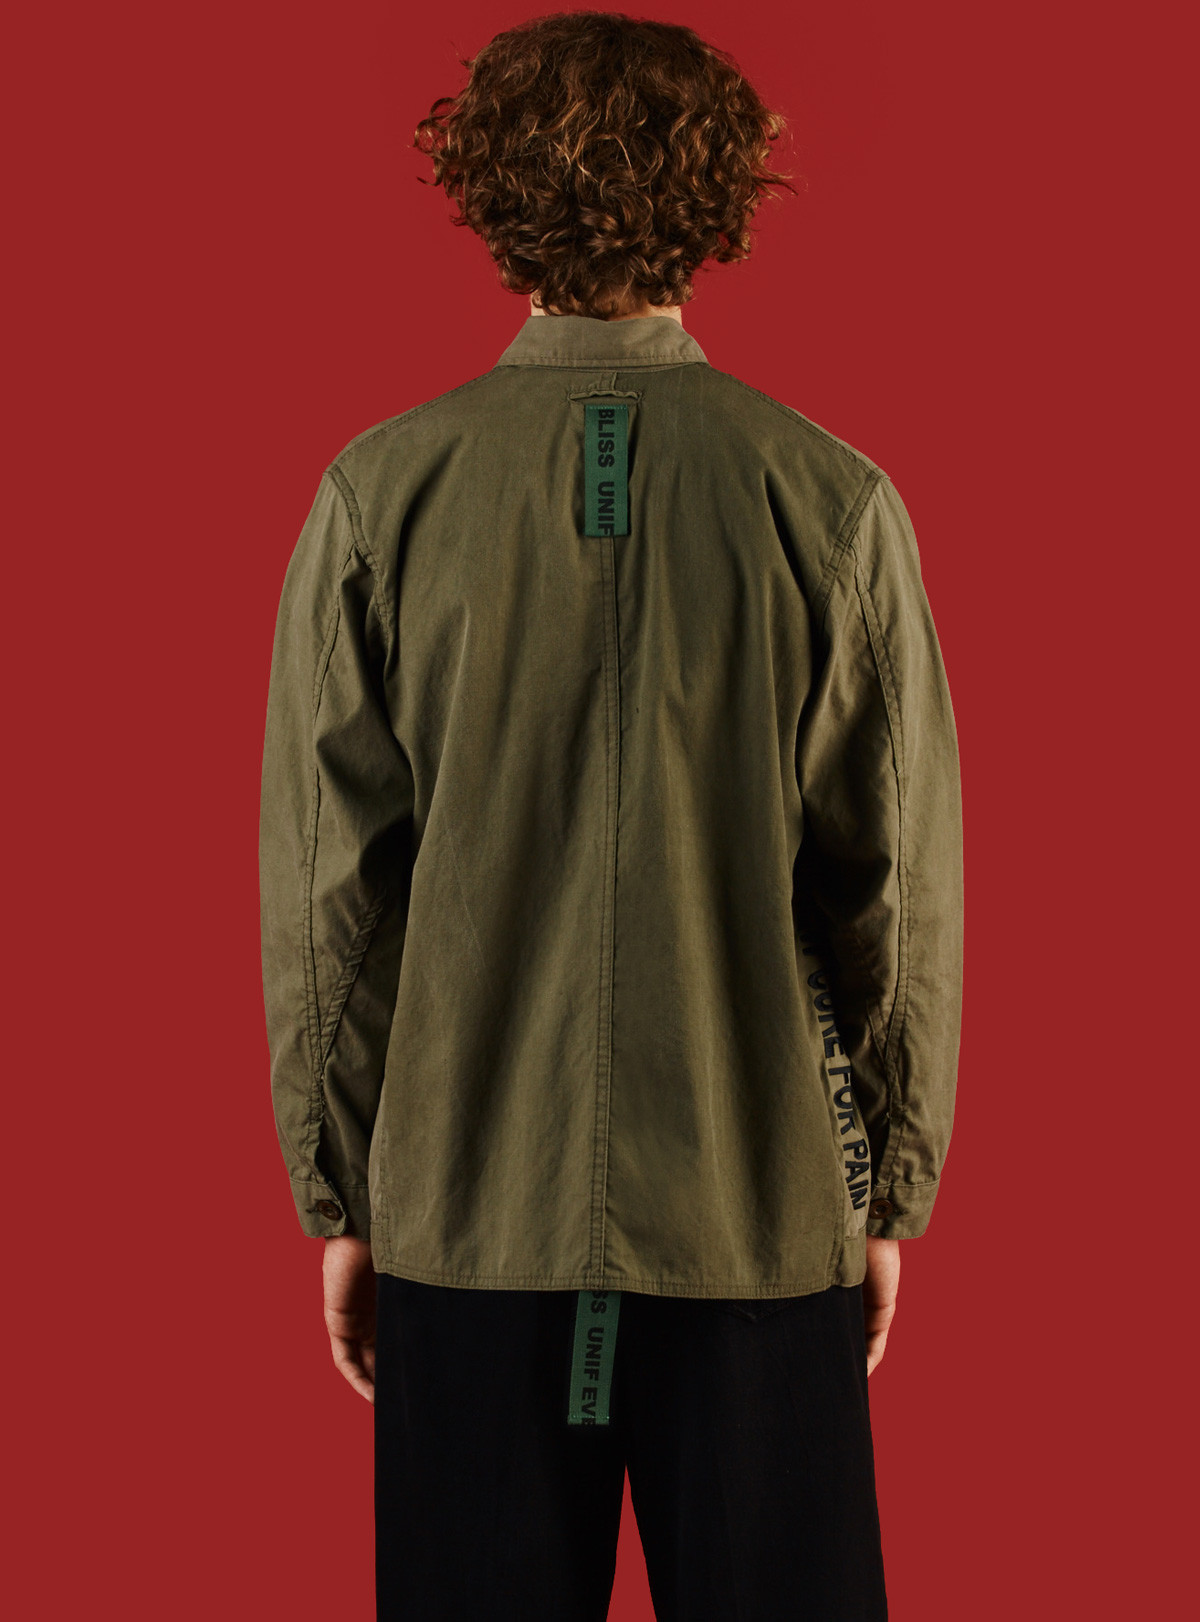 unif_army_prison_jacket_4